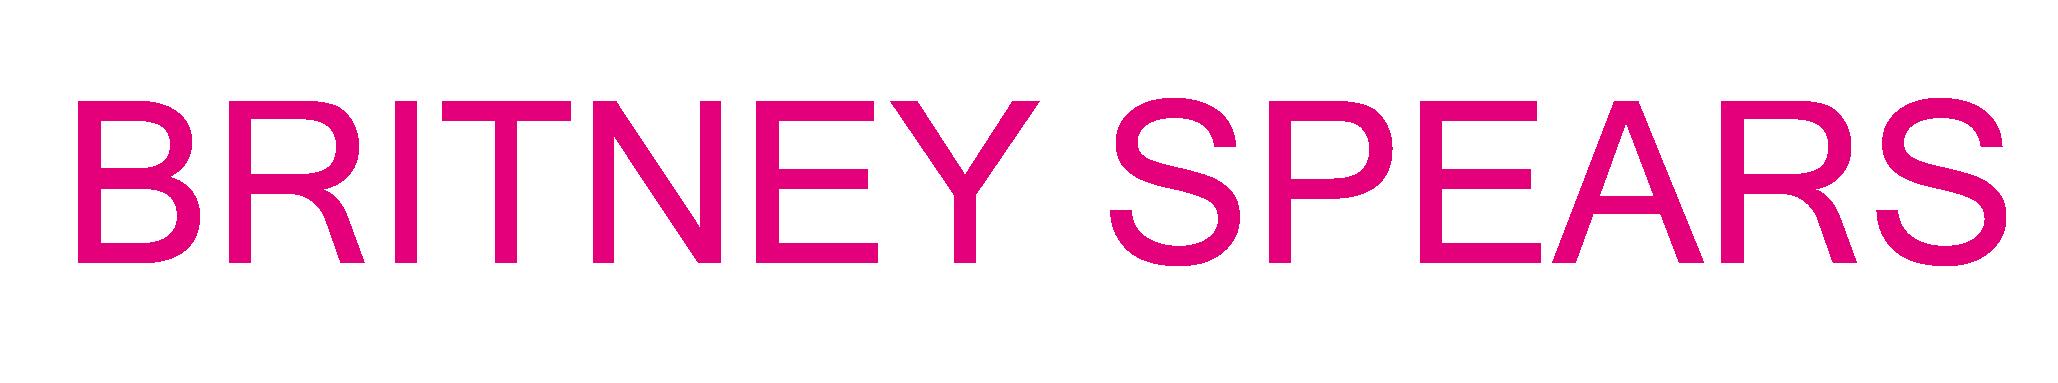 Resultado de imagen para britney spear logo